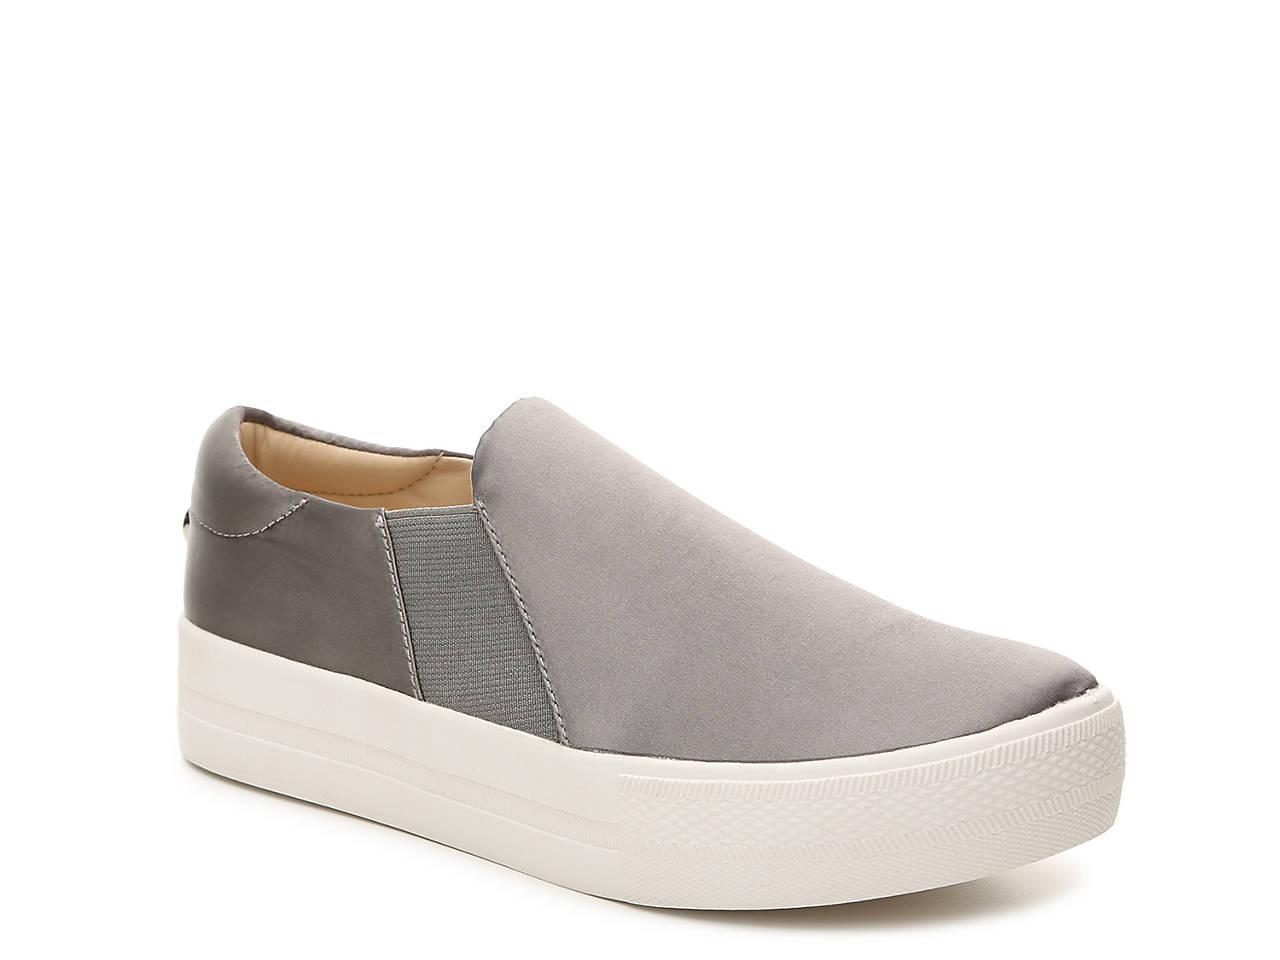 4a8c2019860 Steve Madden Brighton Slip-On Sneaker Women s Shoes